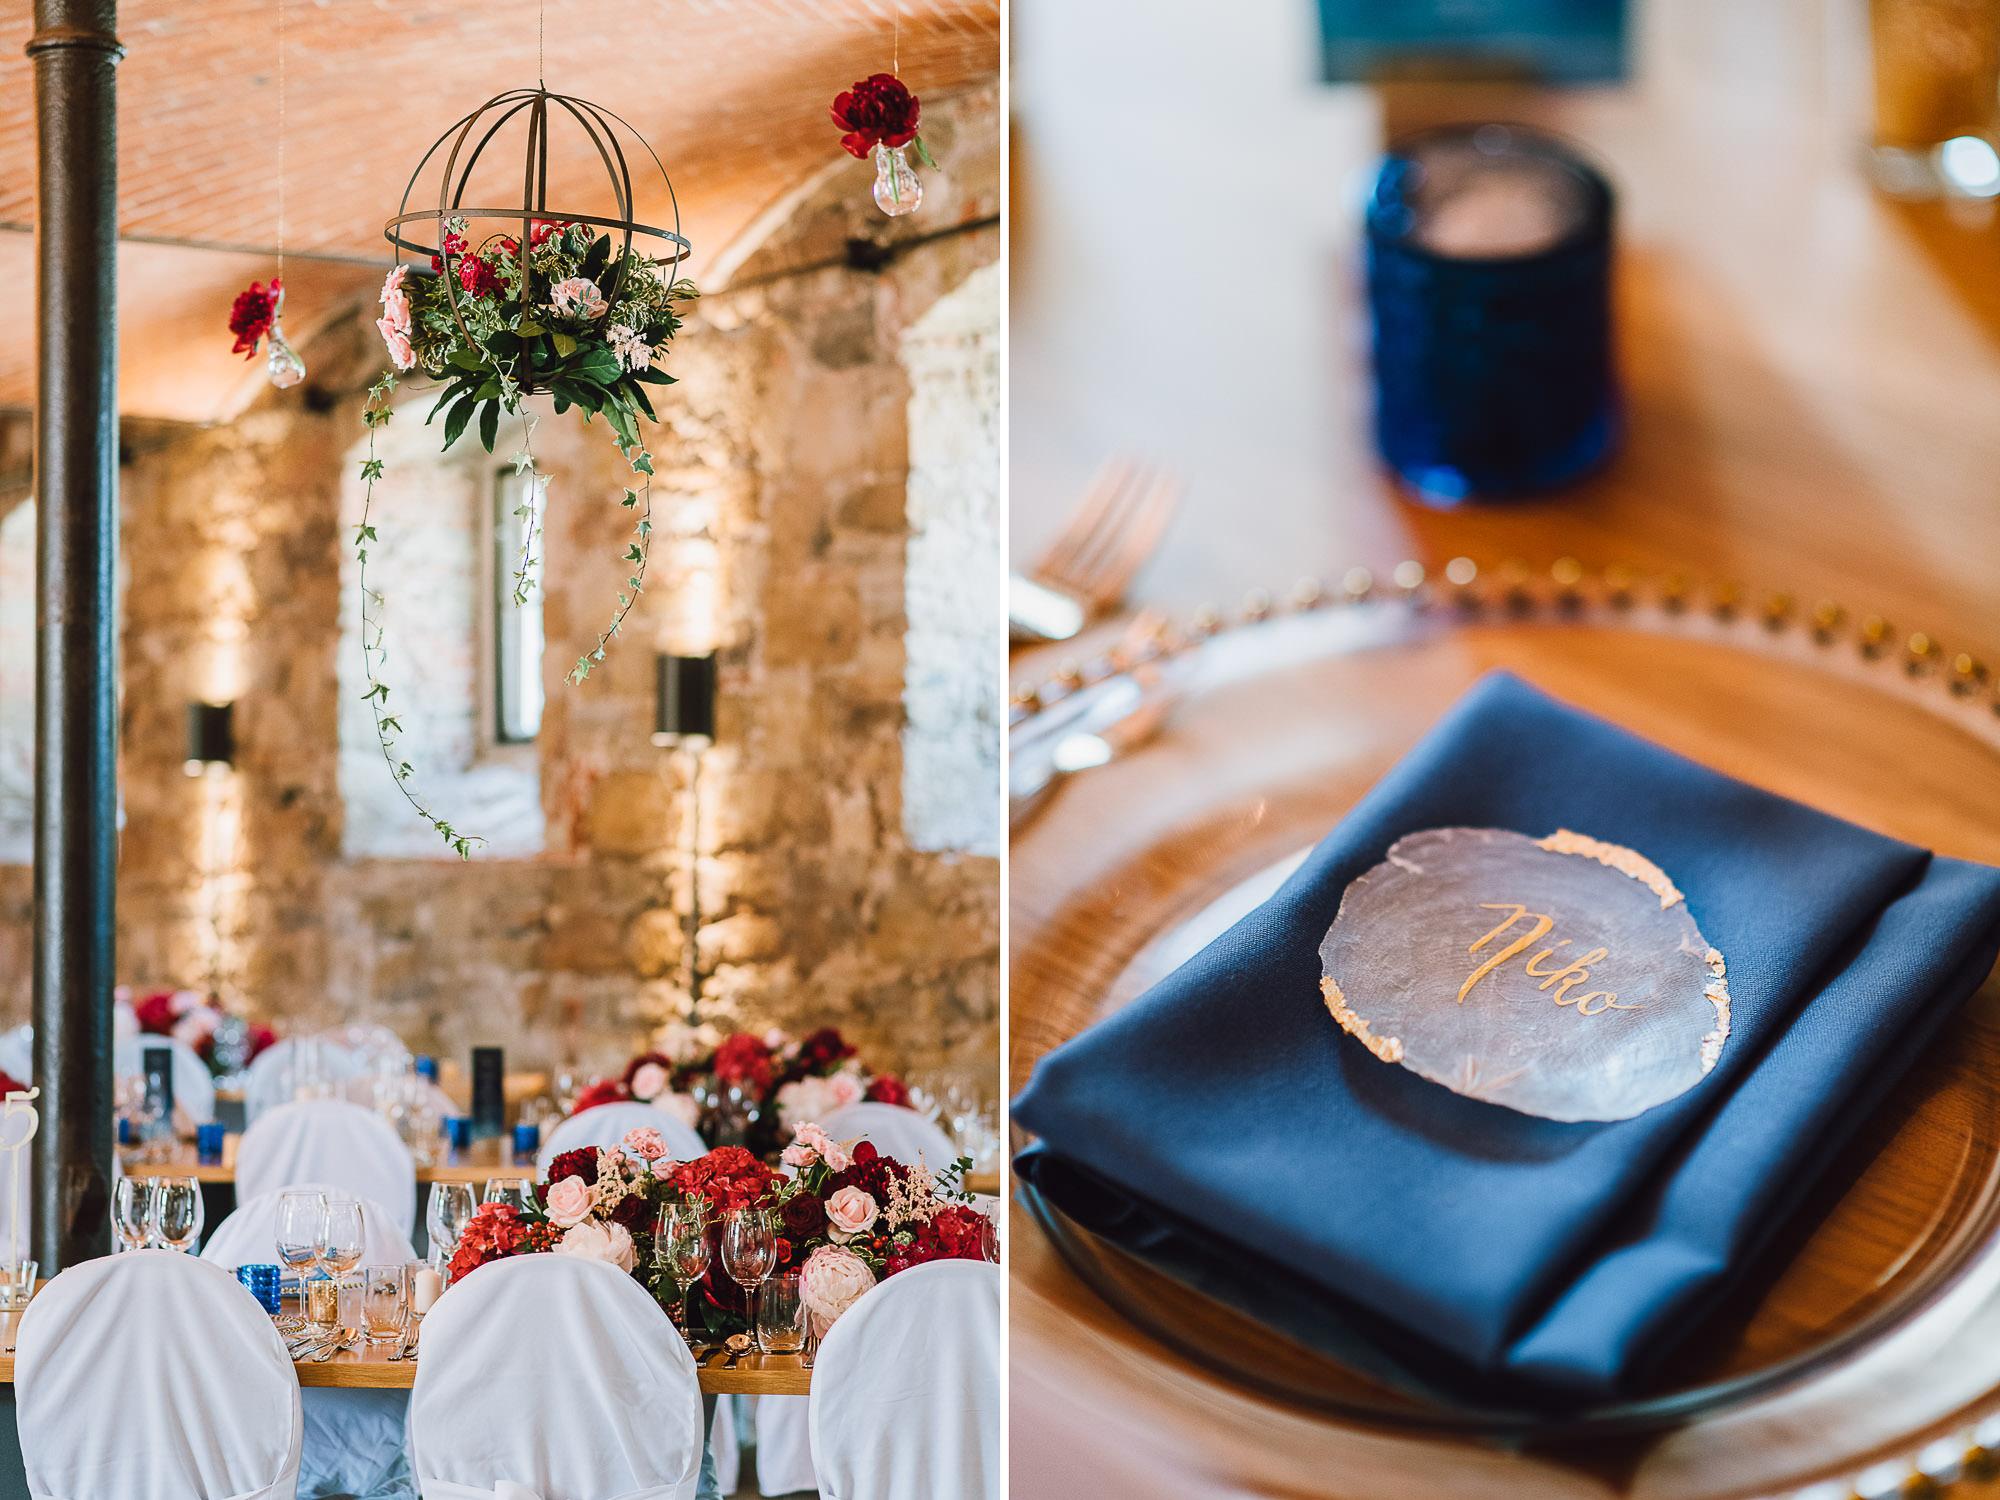 rustic-elegant-wedding-schloss-hochzeit-eyrichshof-franken-bamberg-110